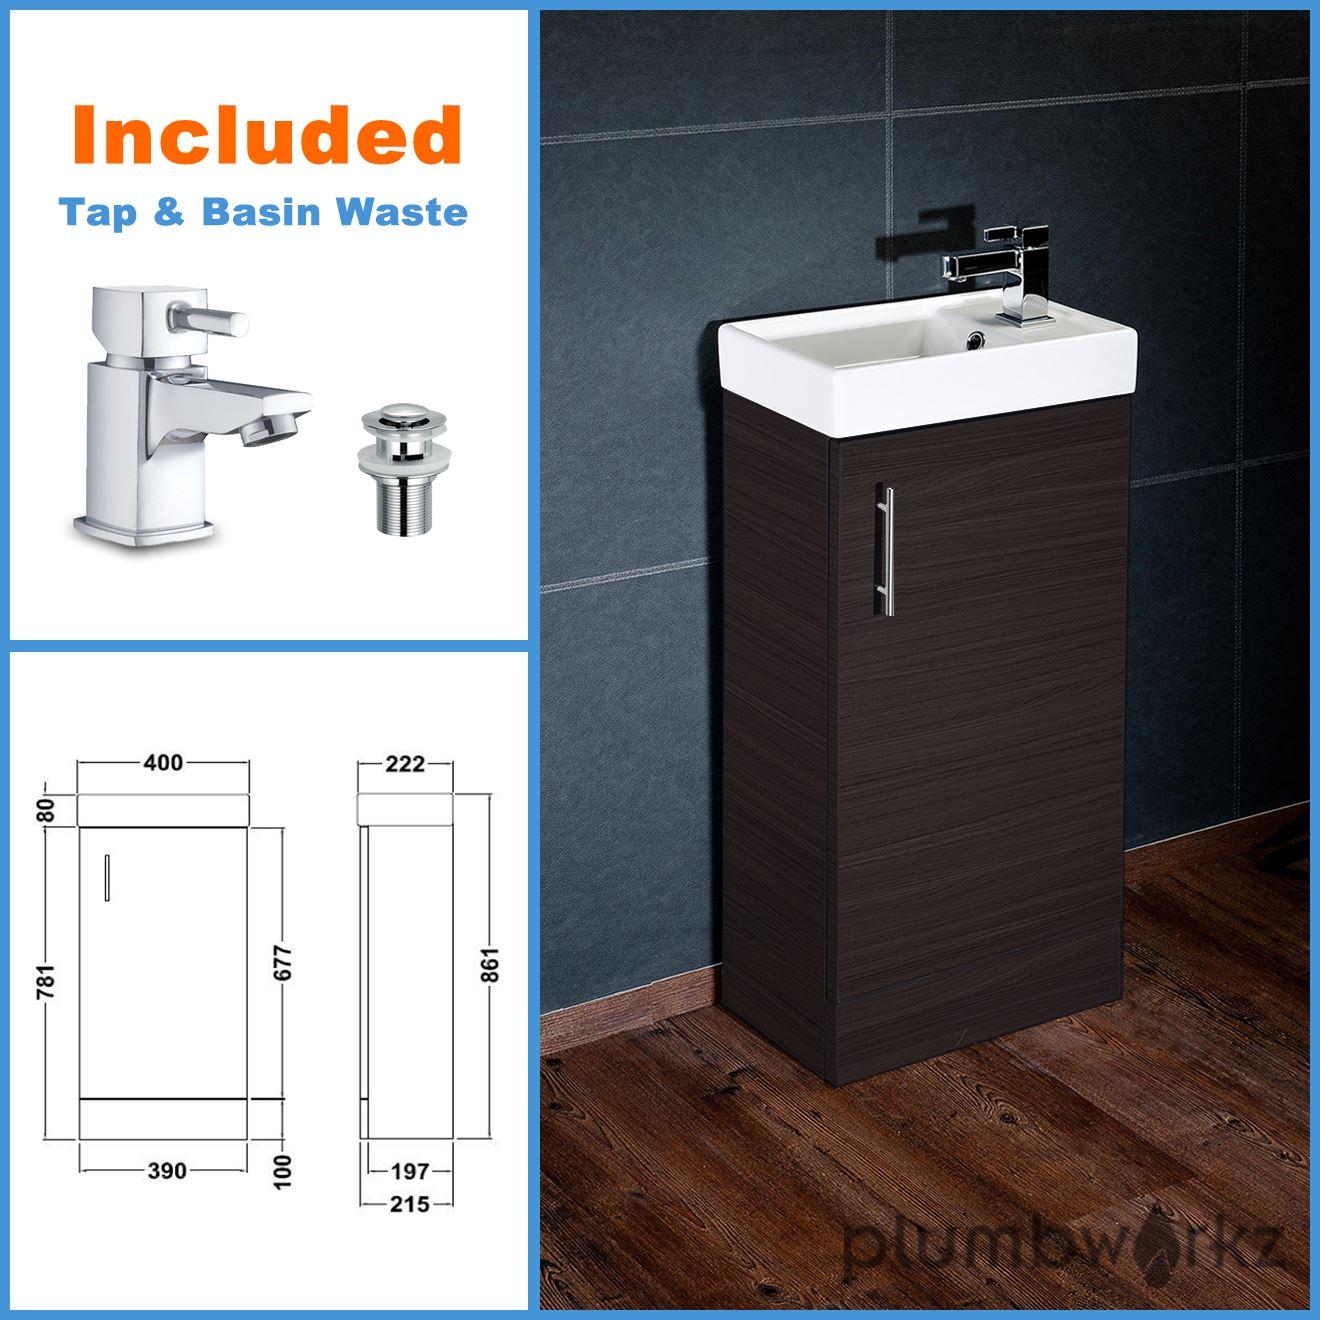 Compact Bathroom Vanity Unit Basin Sink Vanity 400mm Floor Standing Tap Waste Ebay